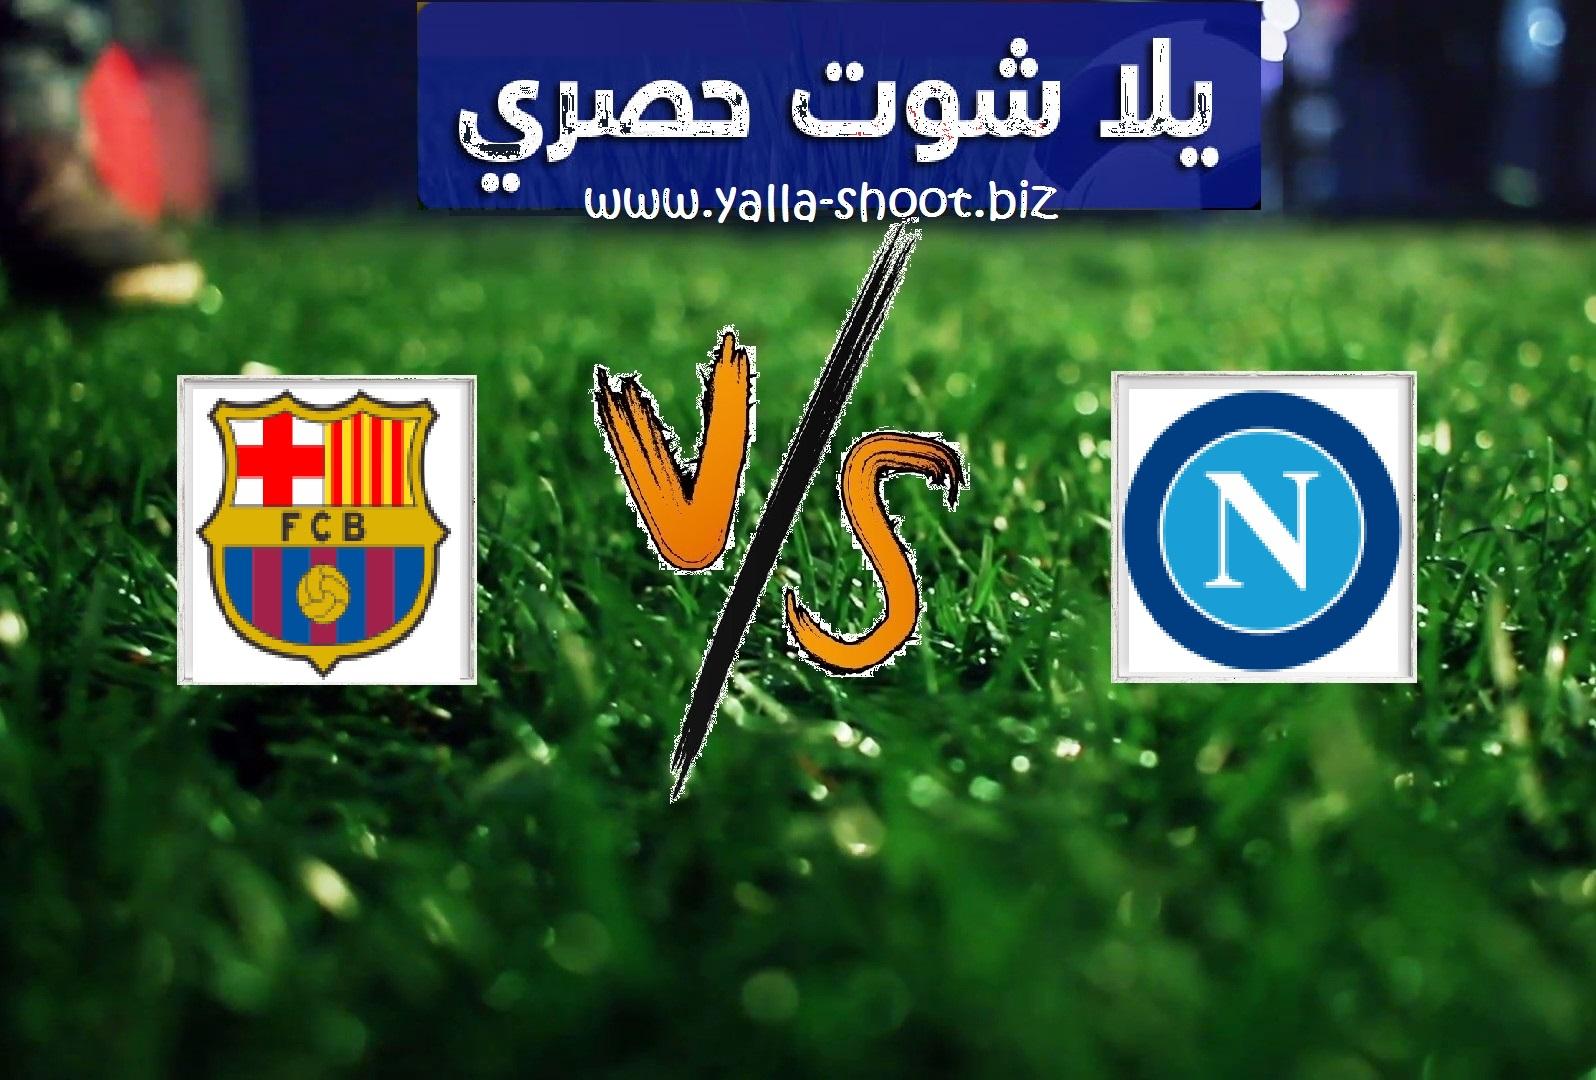 نتيجة مباراة برشلونة ونابولي بتاريخ 25-02-2020 دوري أبطال أوروبا